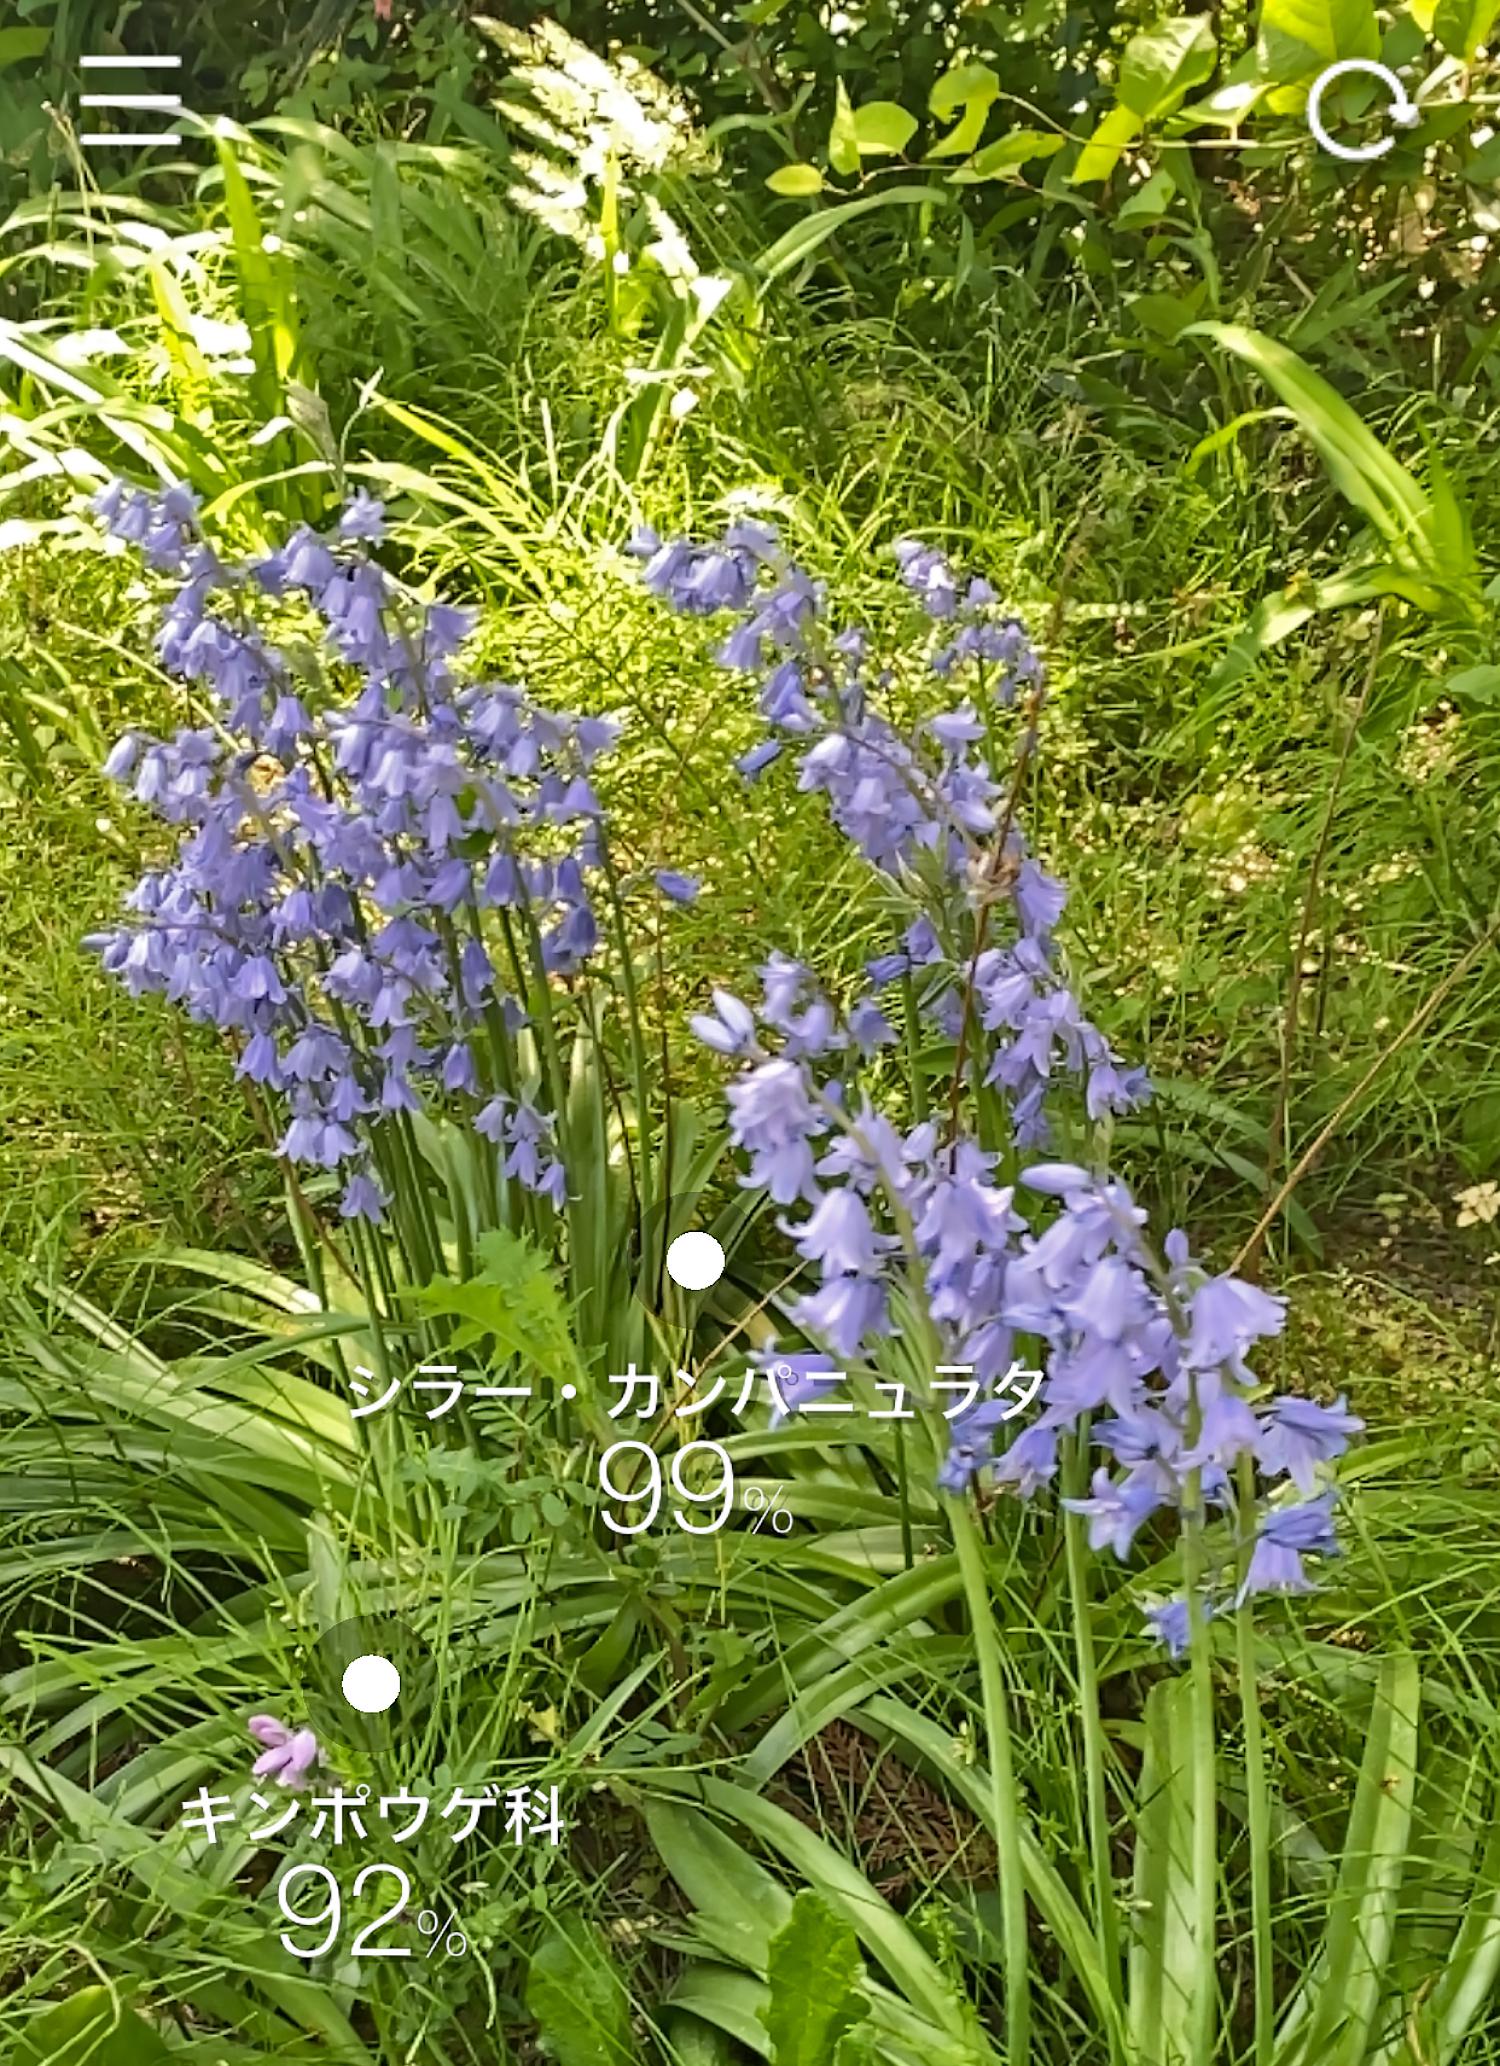 画面内の複数の花の種類も判定可能